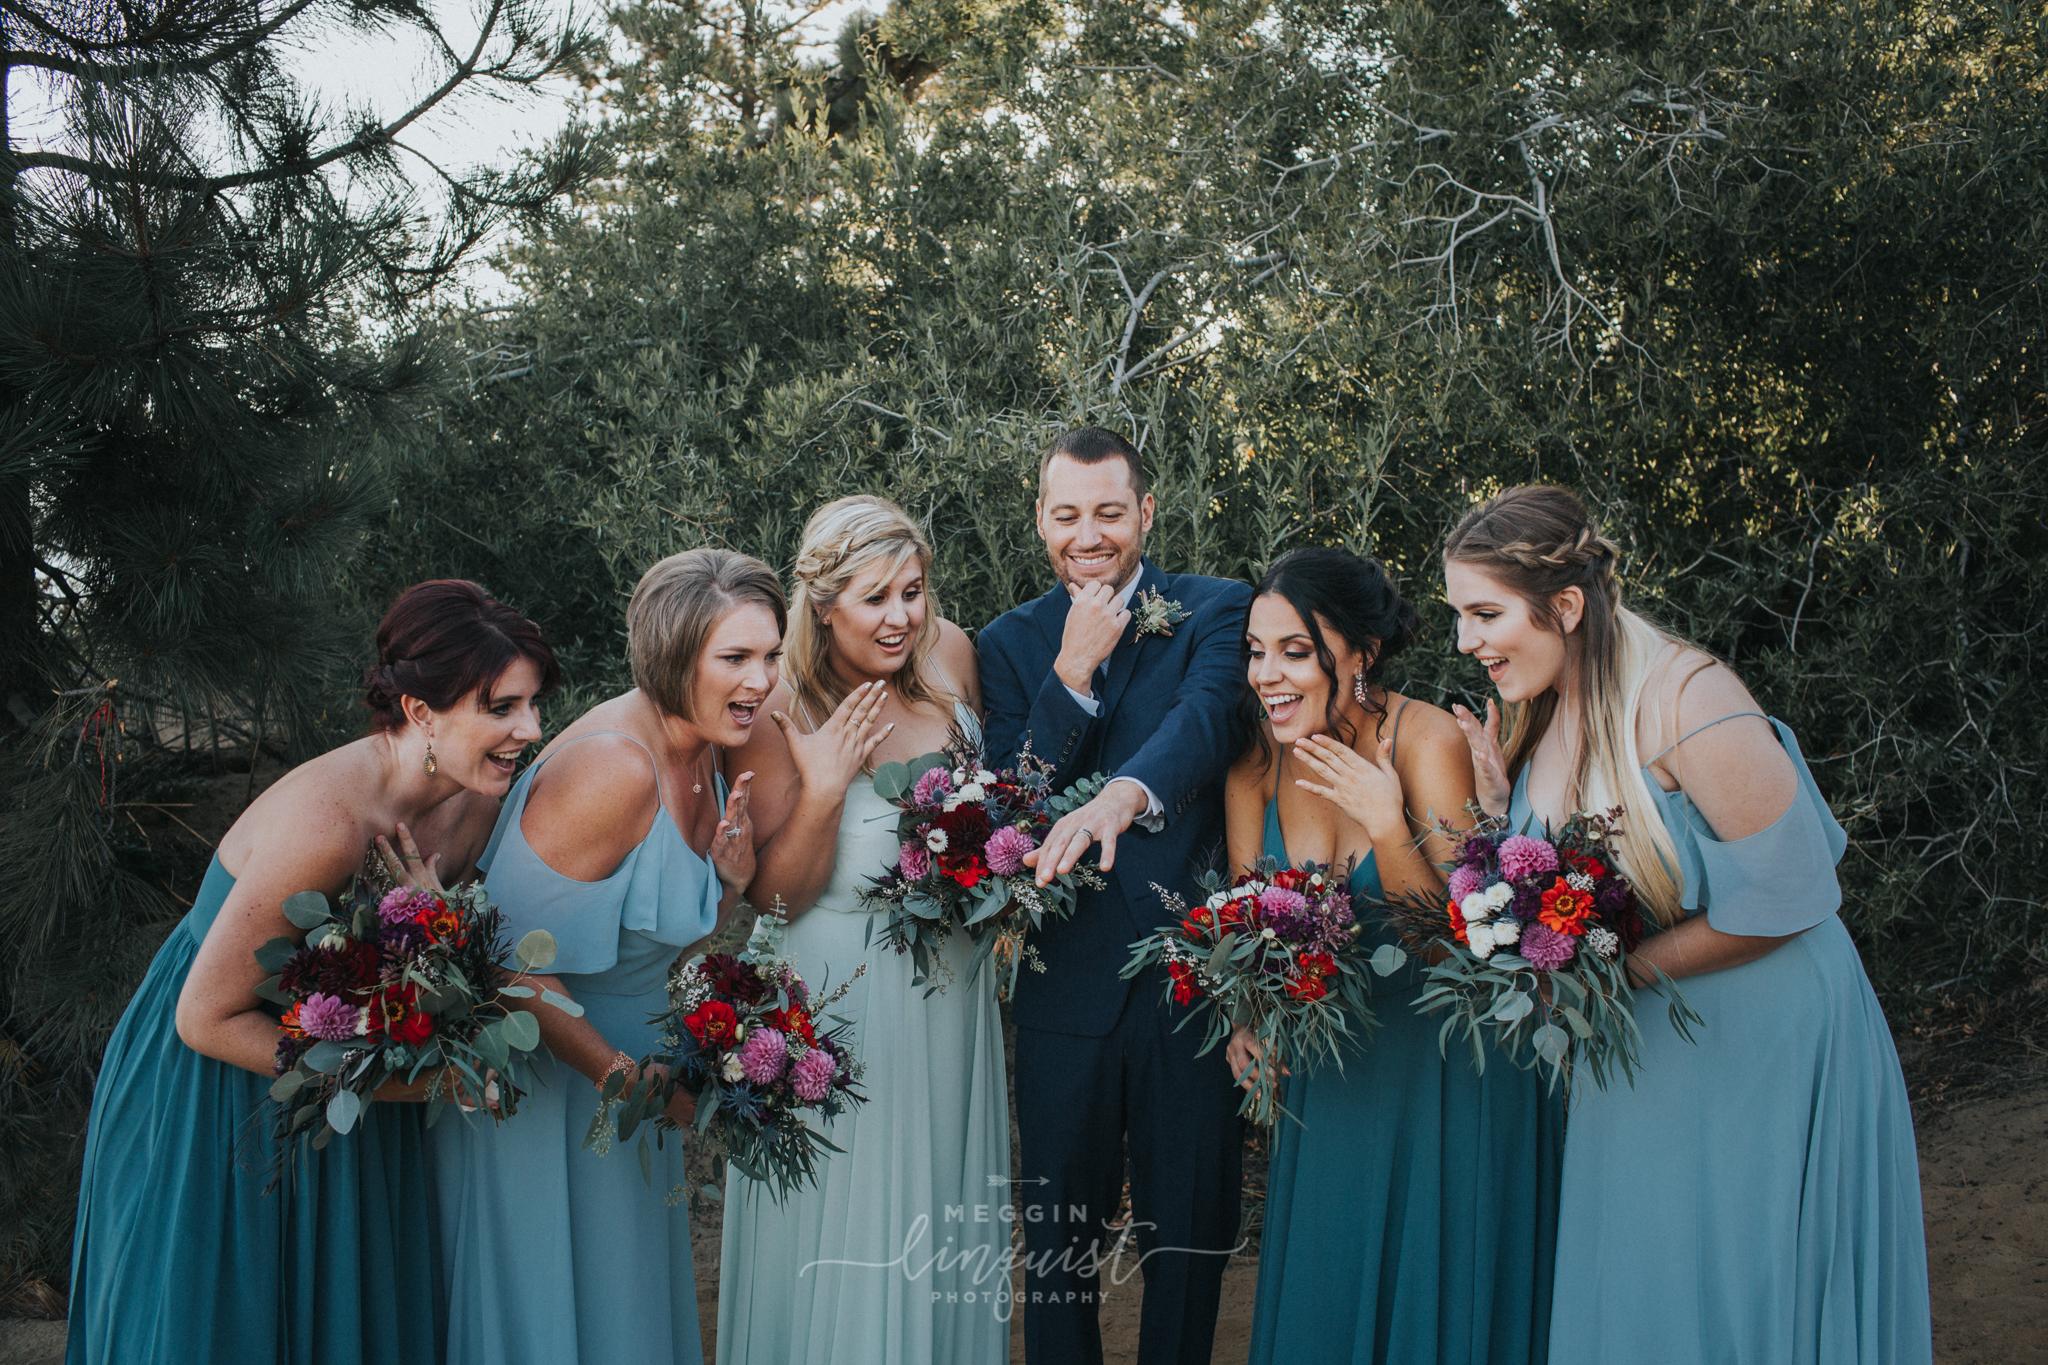 bohemian-style-lake-wedding-reno-lake-tahoe-wedding-photographer-36.jpg